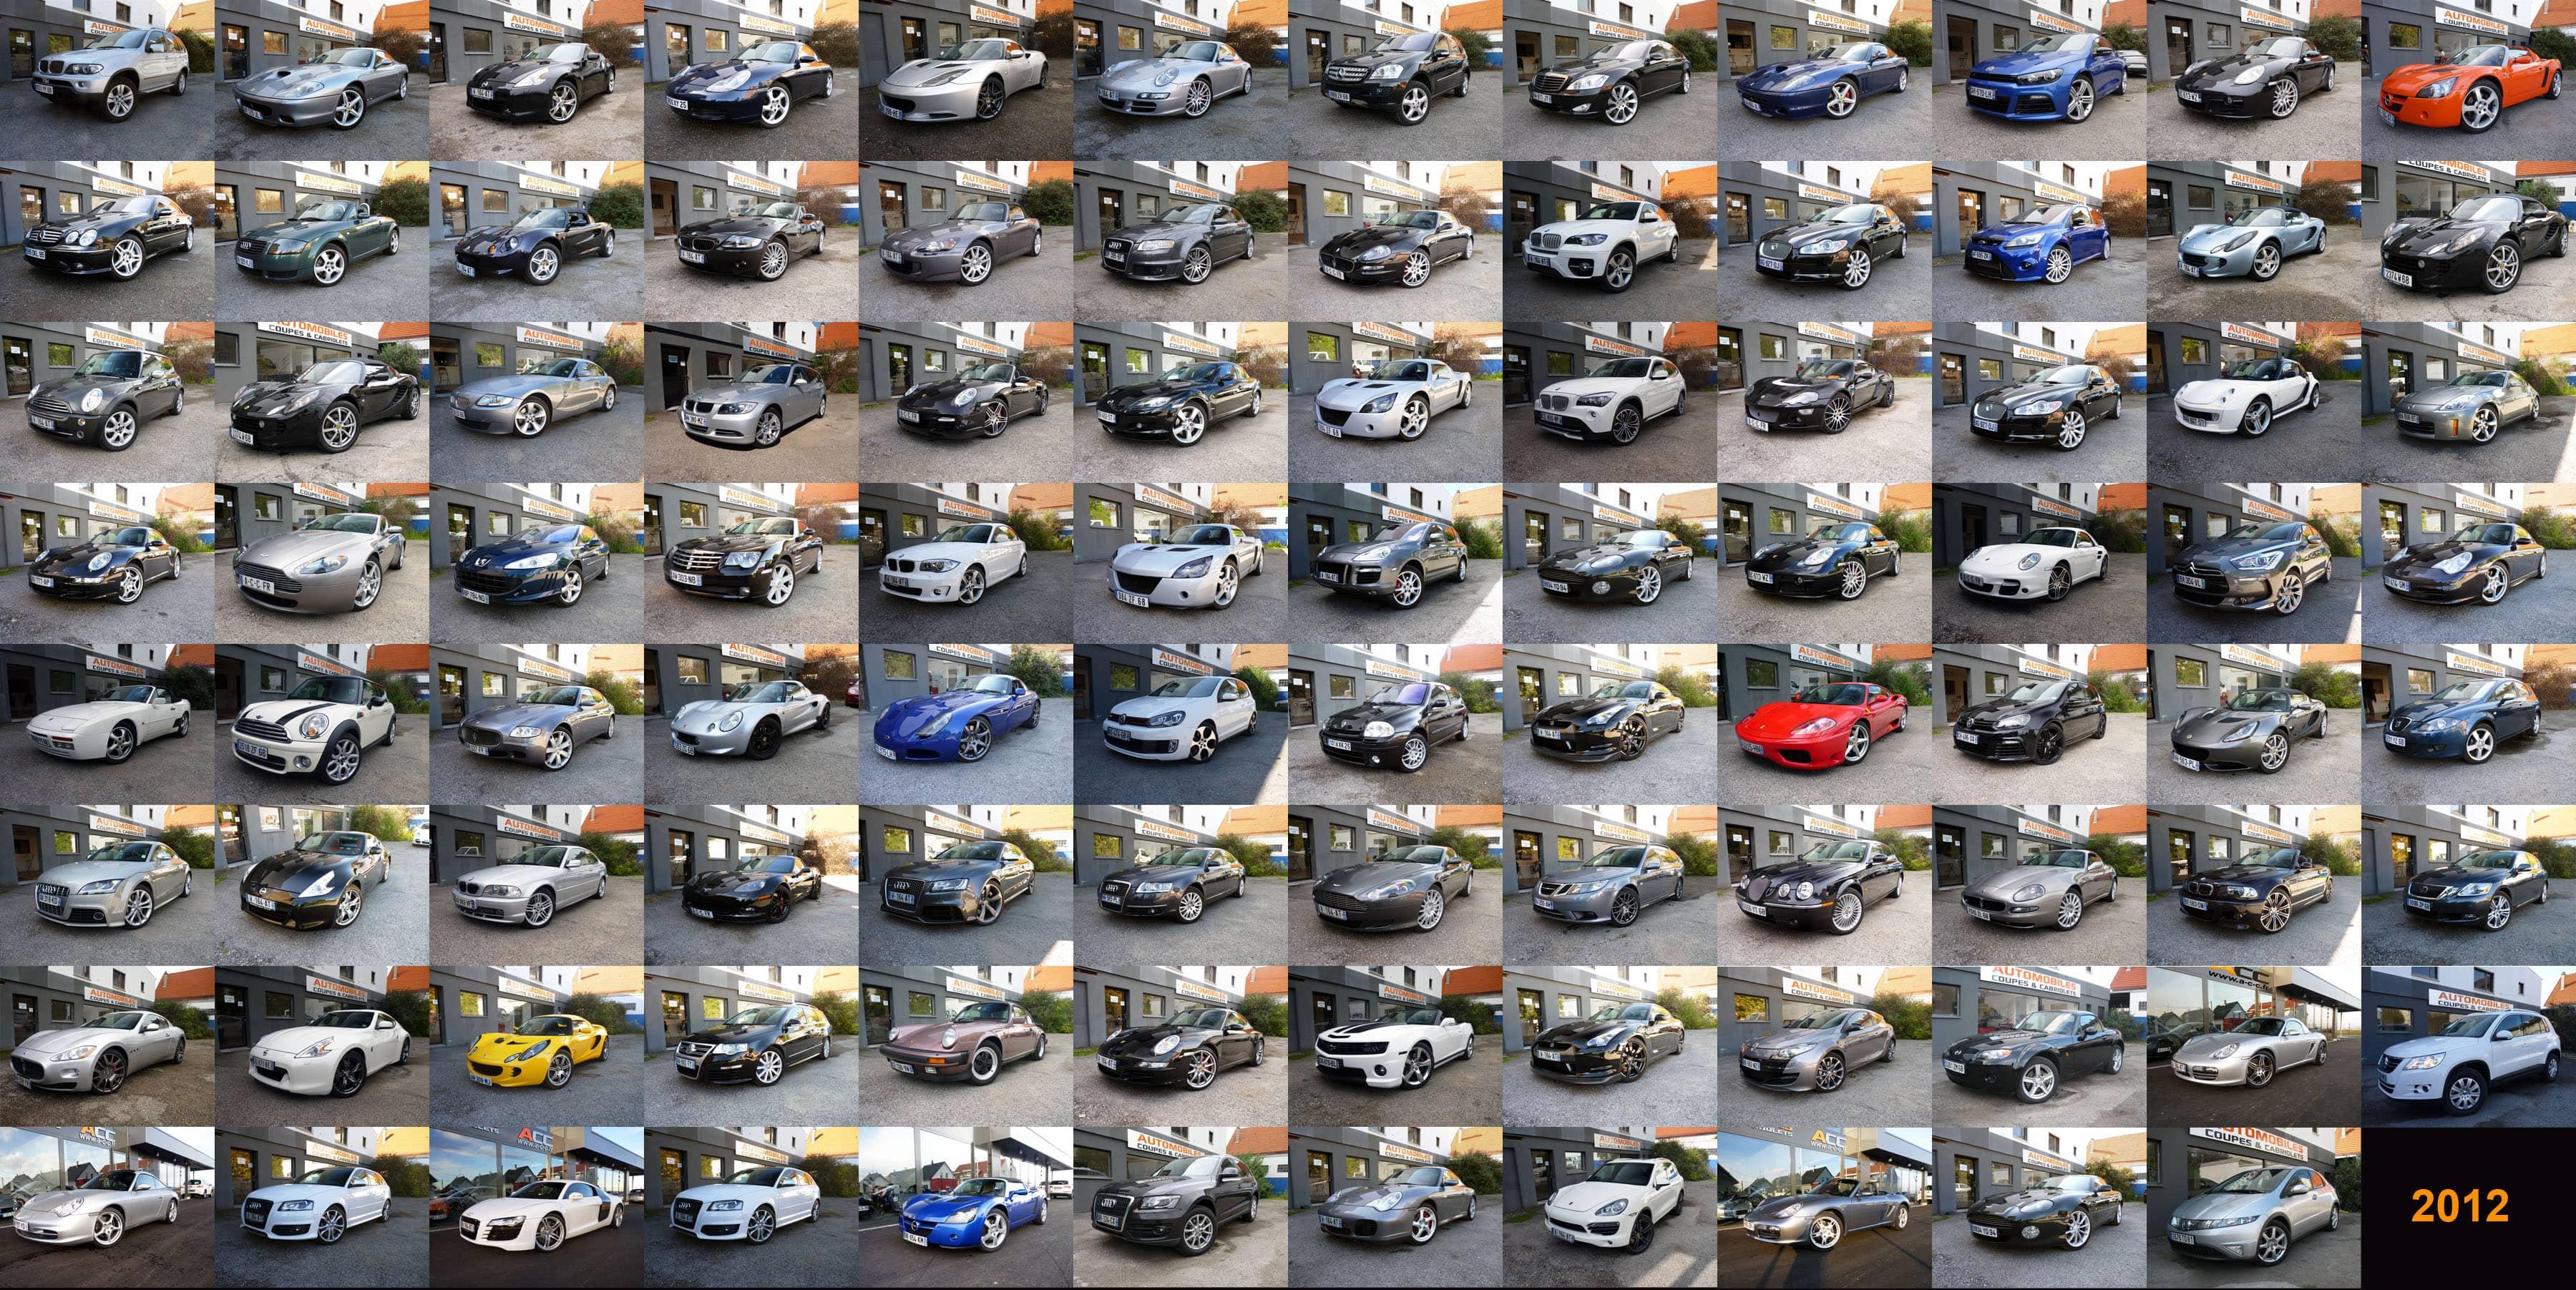 voiture 2012-min